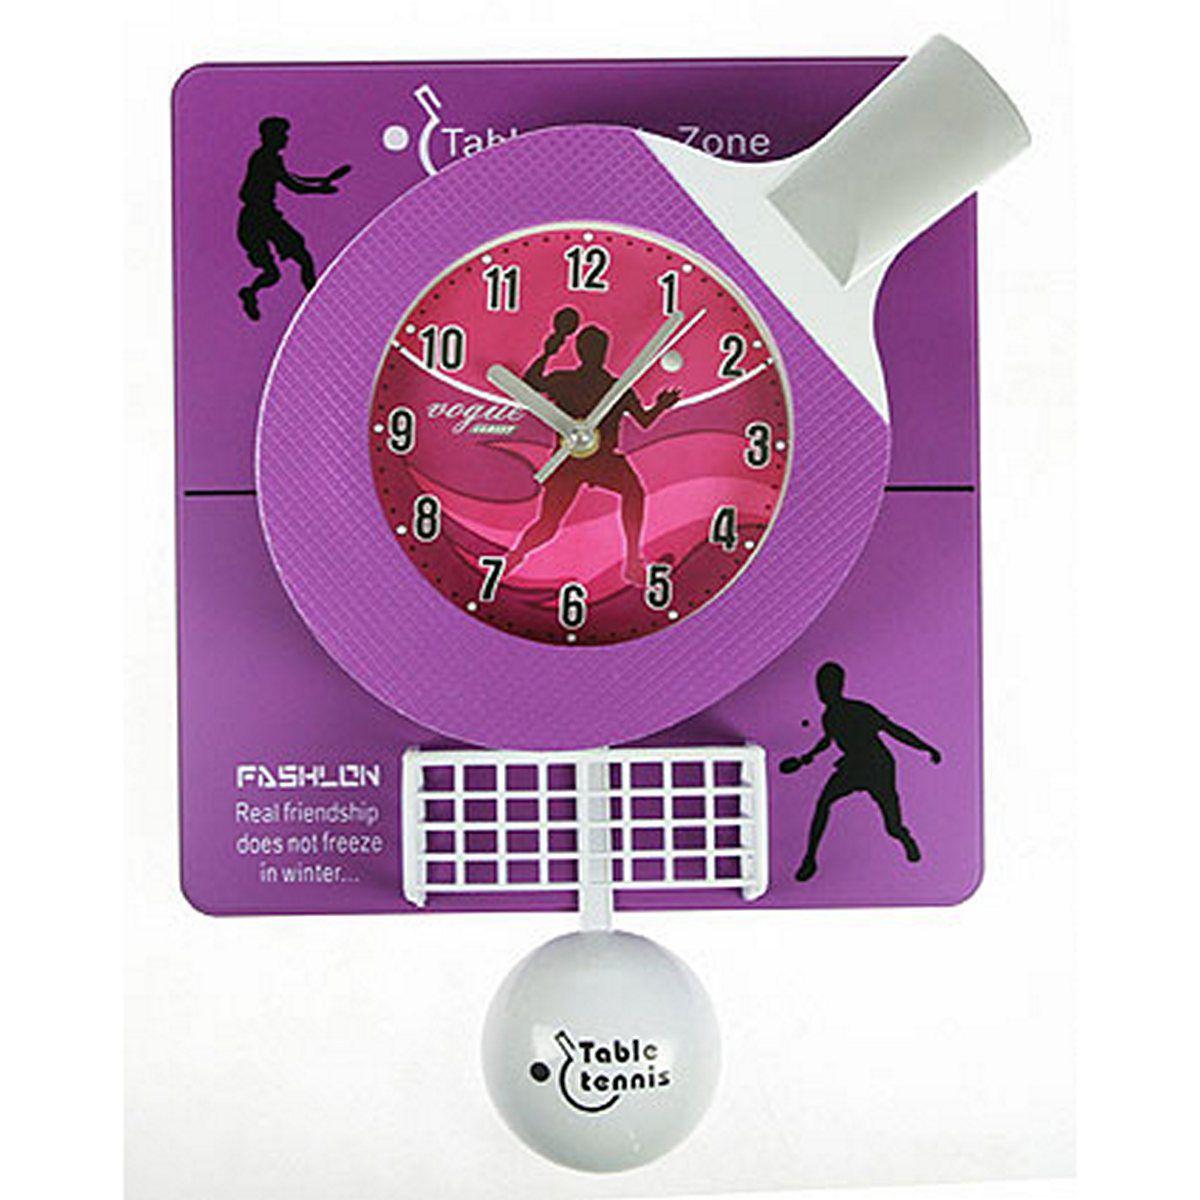 Часы настенные Русские Подарки Теннис, 31 х 6 х 42 см. 222425222425Настенные кварцевые часы Русские Подарки Теннис изготовлены из пластика. Корпус оригинально оформлен элементами игры в теннис. Часы имеют три стрелки - часовую, минутную и секундную. С обратной стороны имеетсяпетелька для подвешивания на стену. Такие часы красиво и необычно оформят интерьер дома или офиса. Также часы могут стать уникальным, полезным подарком для родственников, коллег, знакомых и близких.Часы работают от батареек типа АА (в комплект не входят).